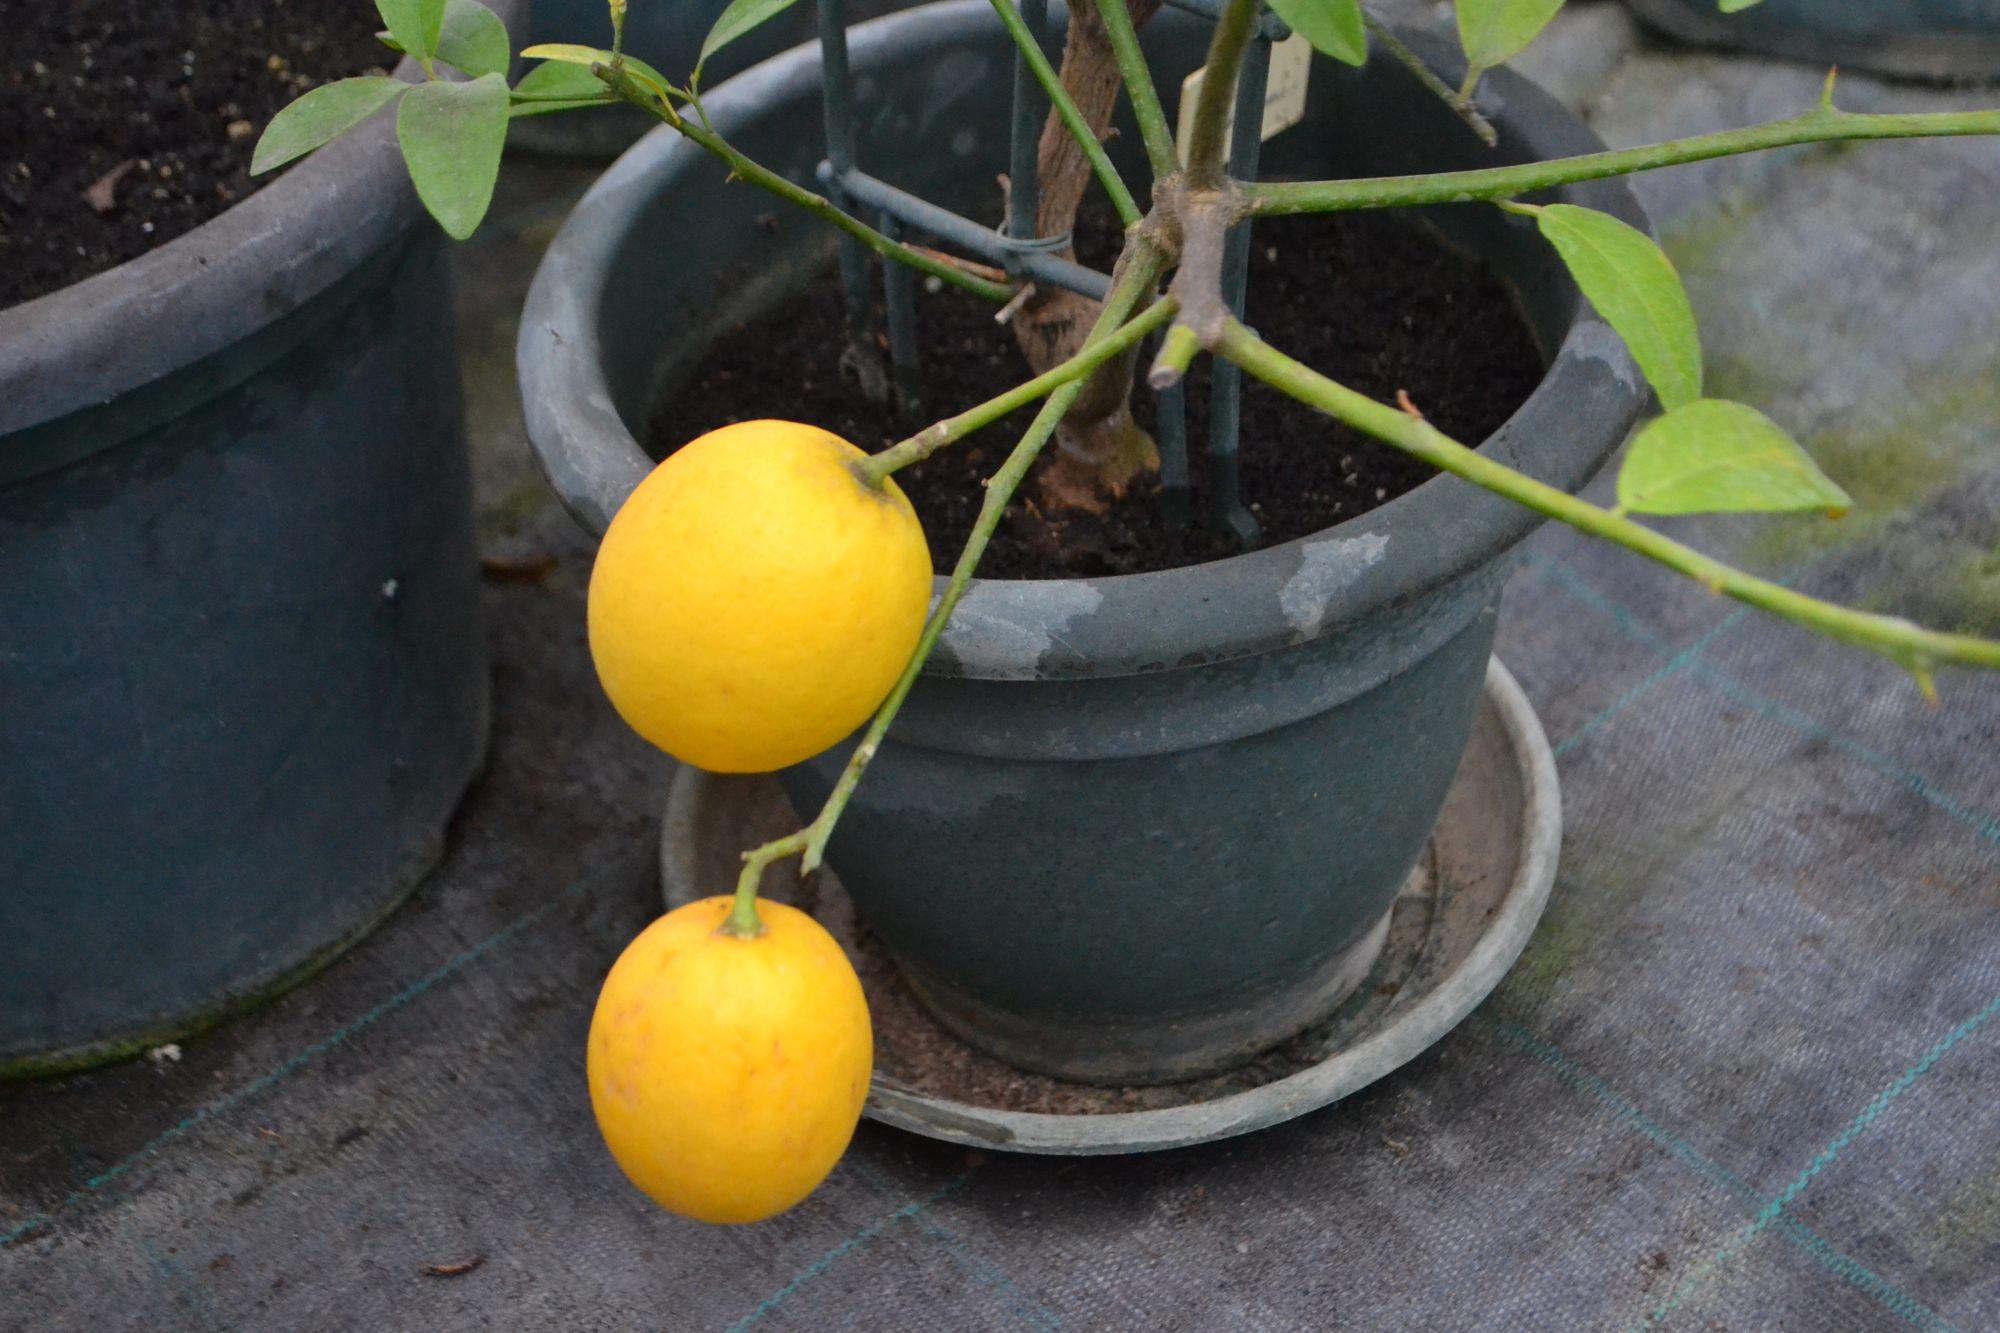 Smuliavaisis citrinmedis, kalamondinas (Citrus x microcarpa)